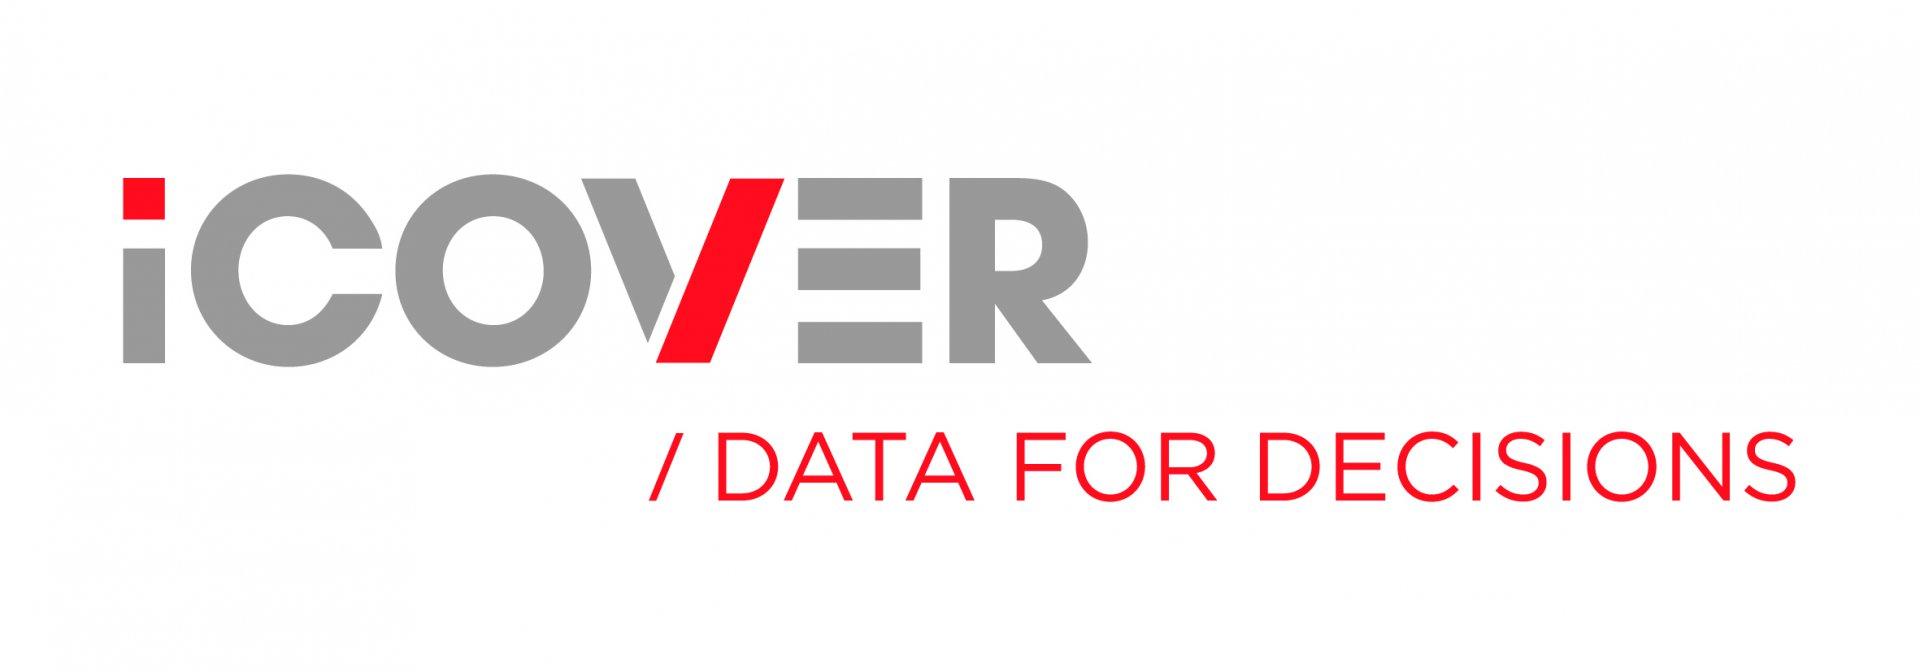 iCOVER logo